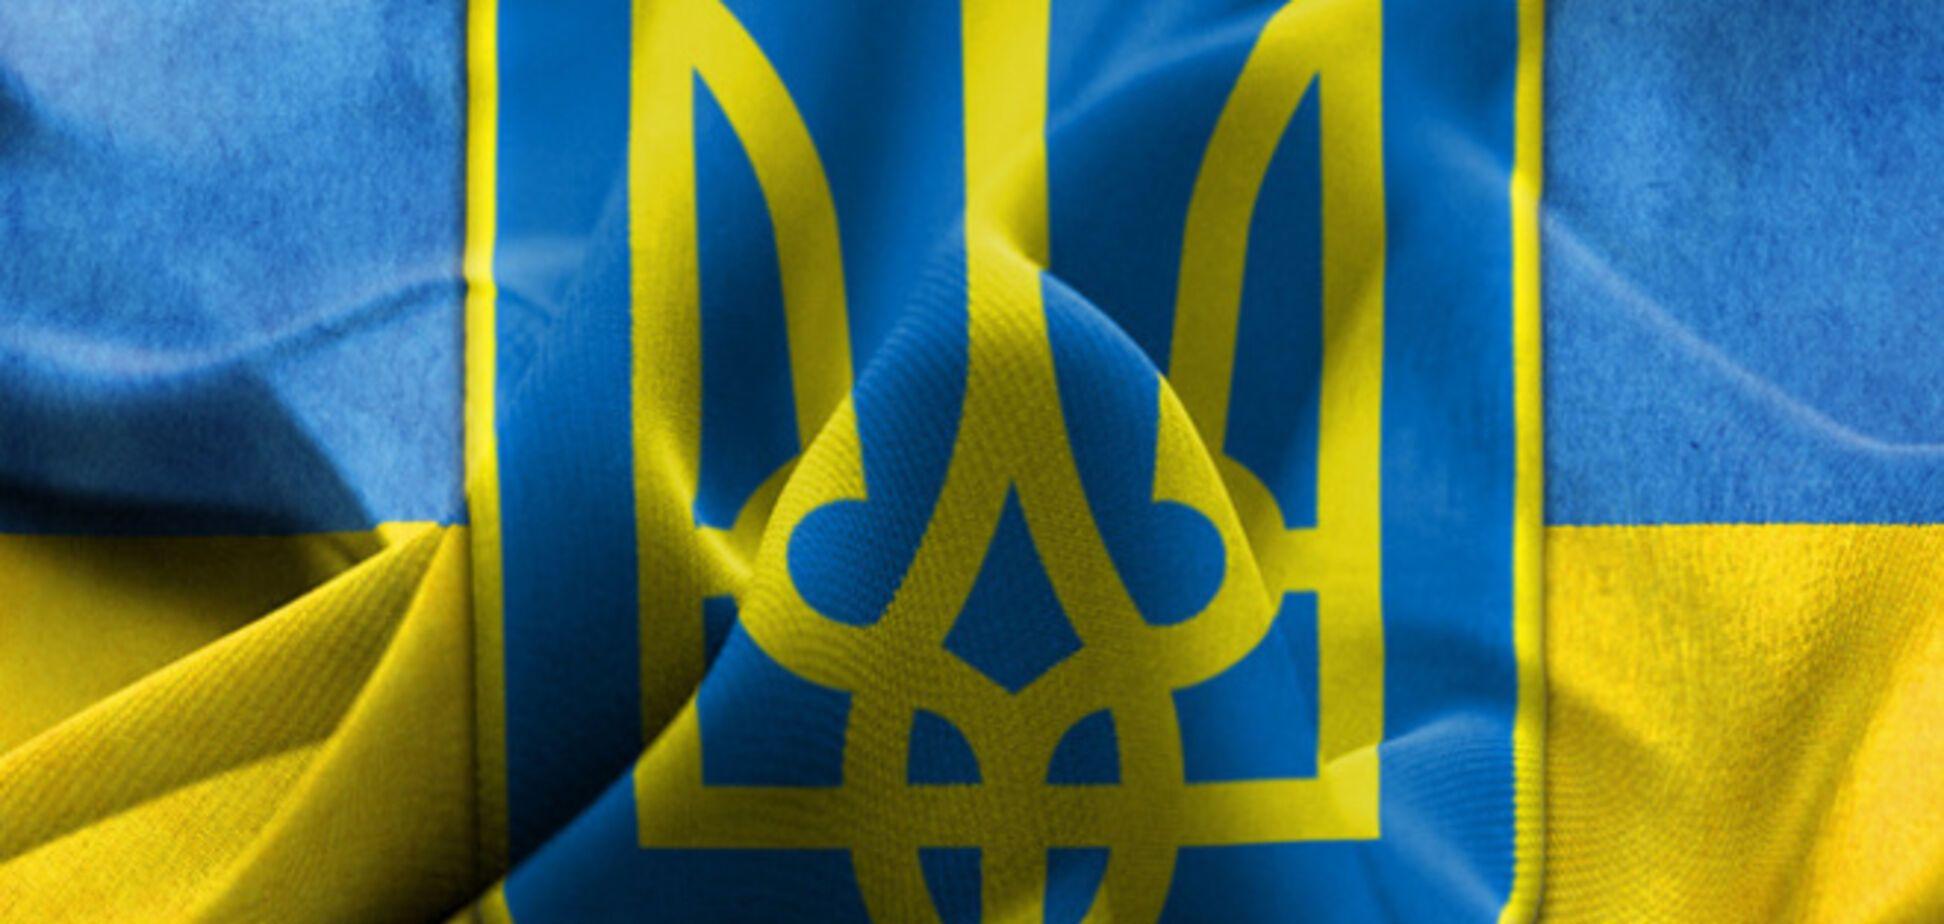 Єдиний вихід для України, щоб не втратити незалежність